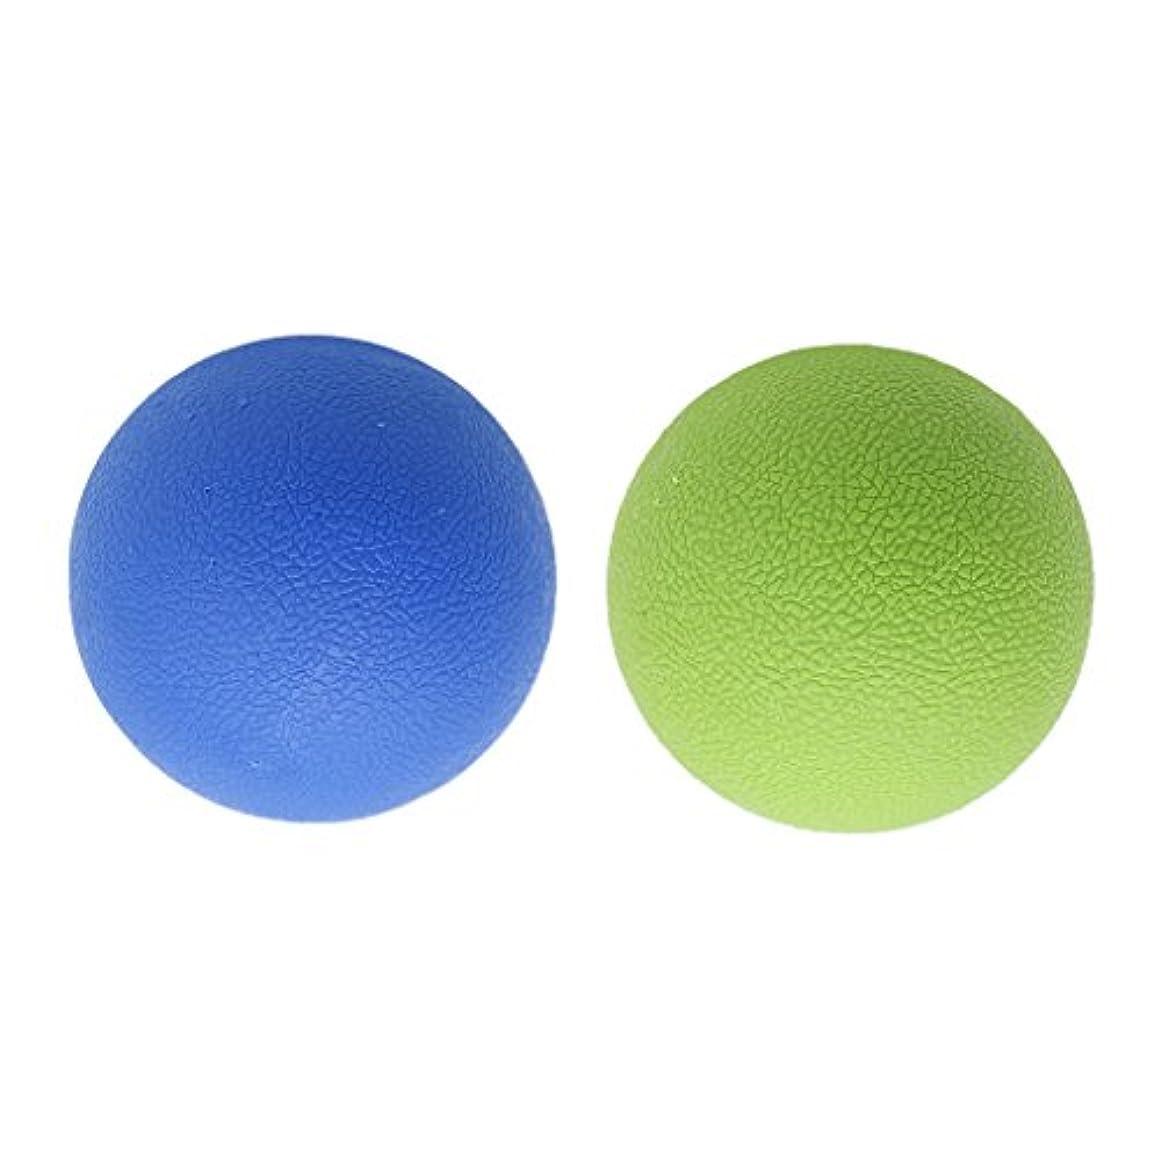 構造同僚鰐2個 マッサージボール ラクロスボール トリガ ポイントマッサージ 弾性TPE 多色選べる - ブルーグリーン